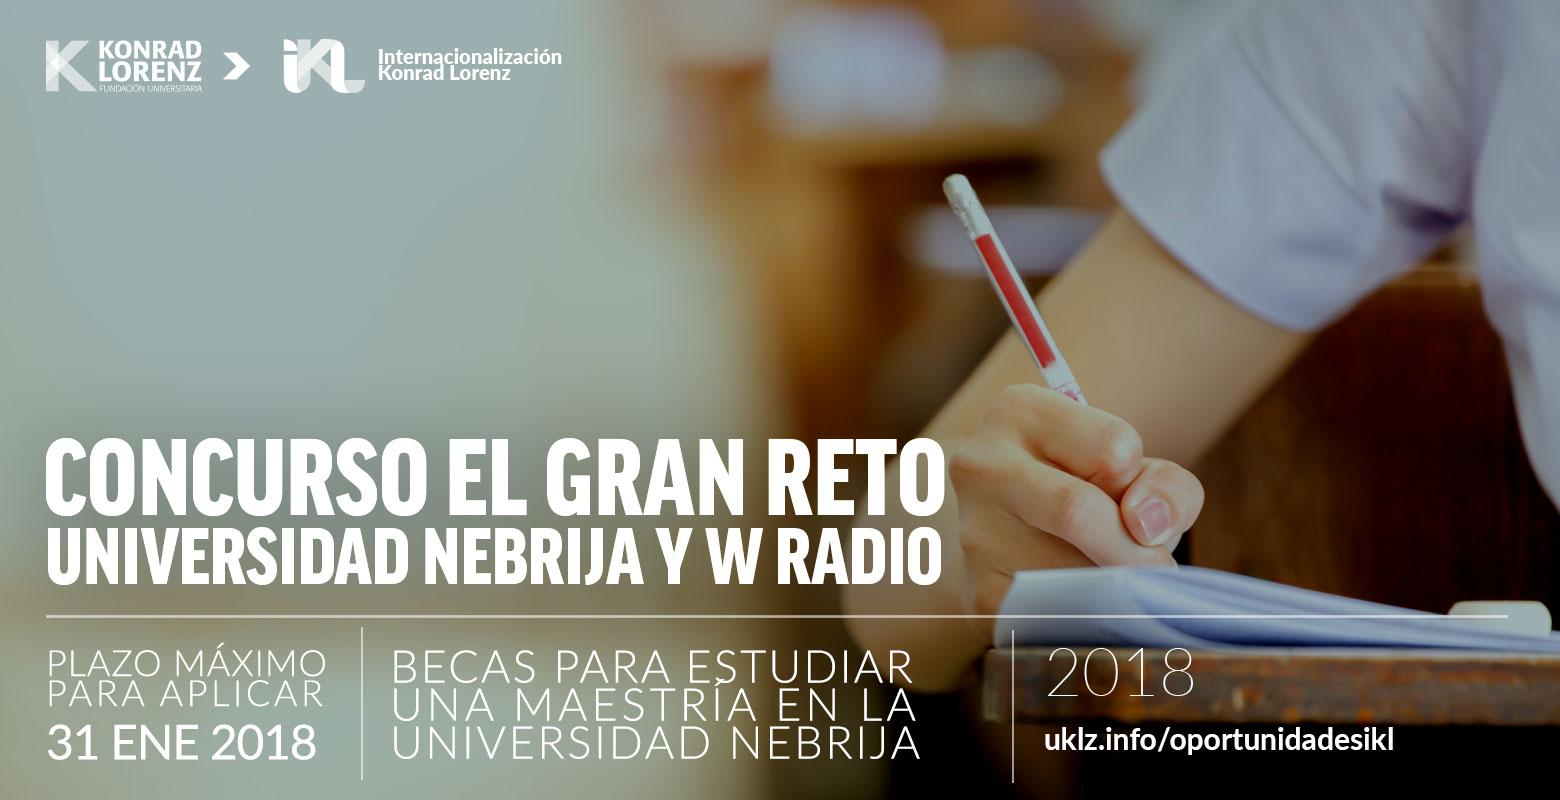 Concurso el Gran Reto de la Universidad Nebrija - W Radio 2018